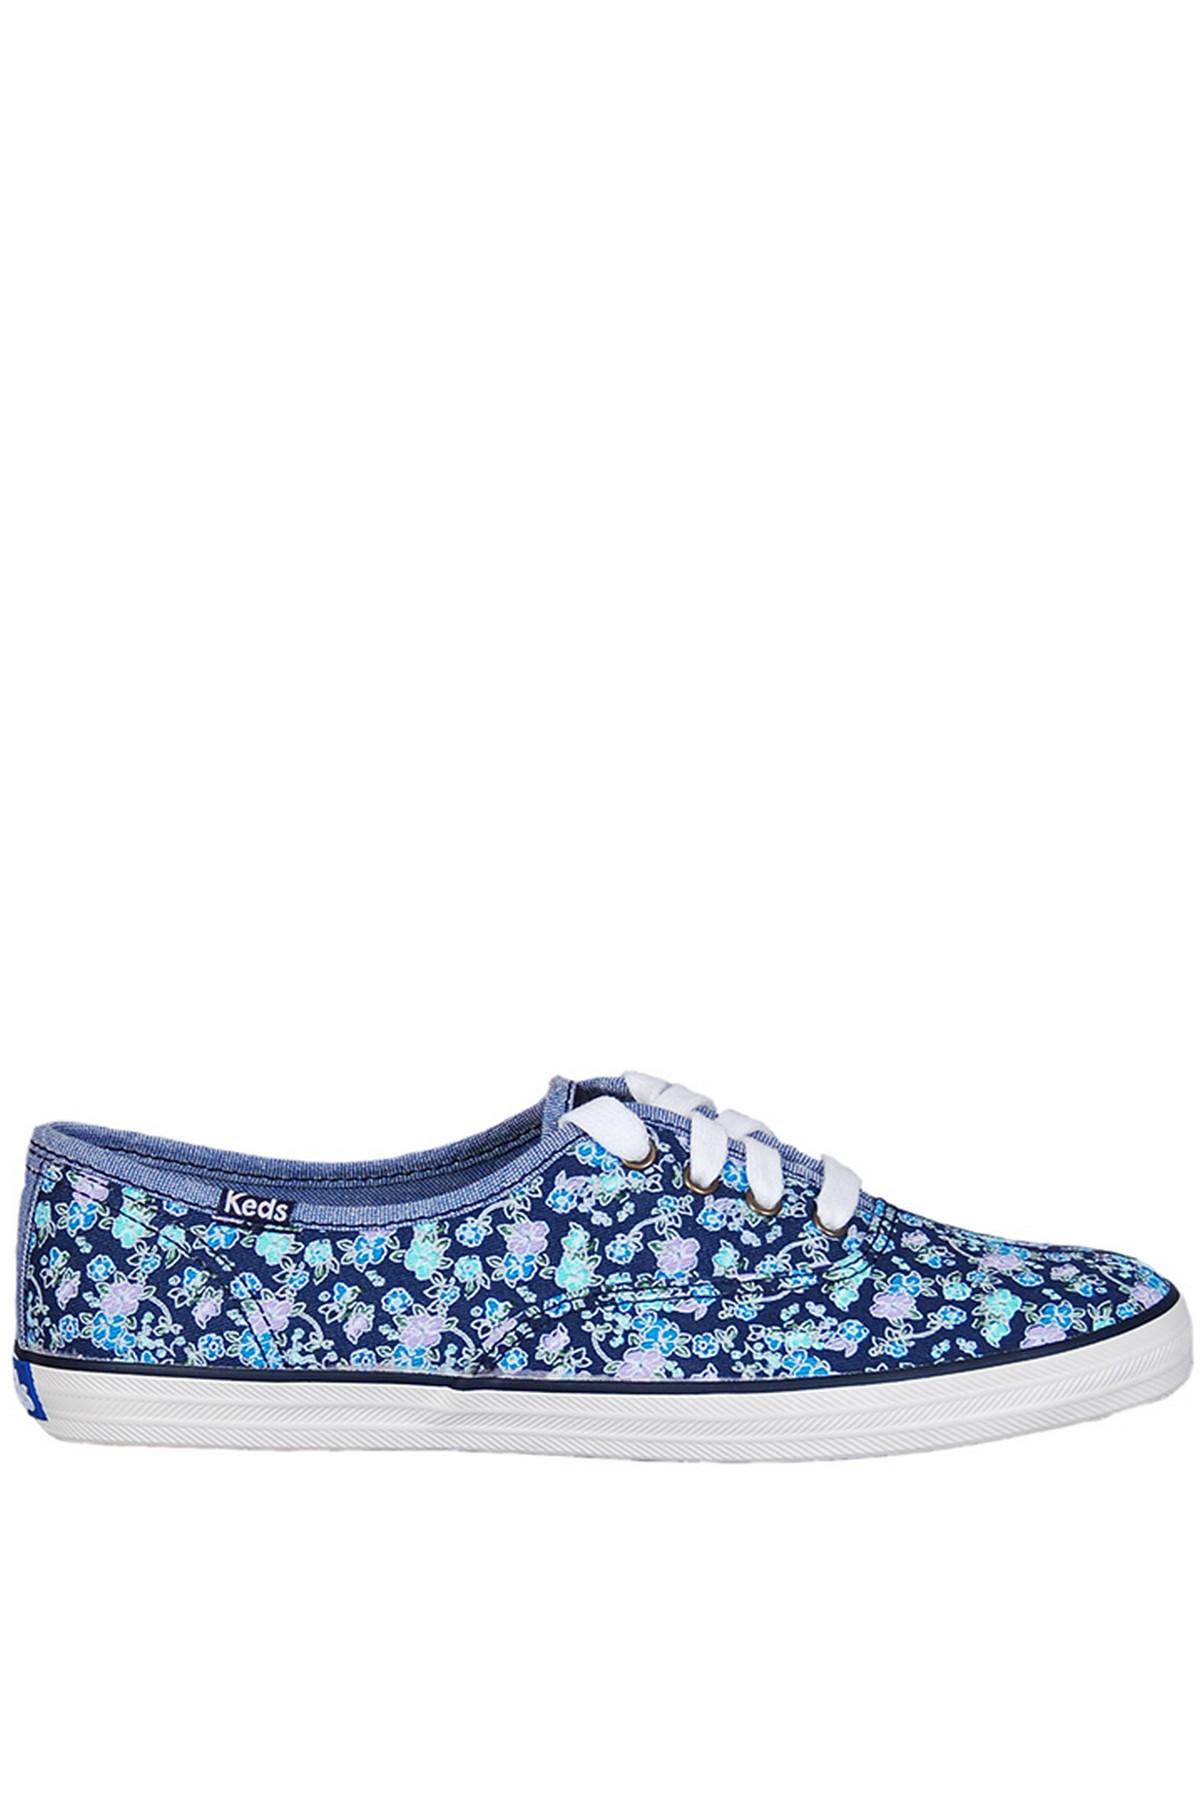 Keds Champion Floral Günlük Kadın Ayakkabı (WF46398)